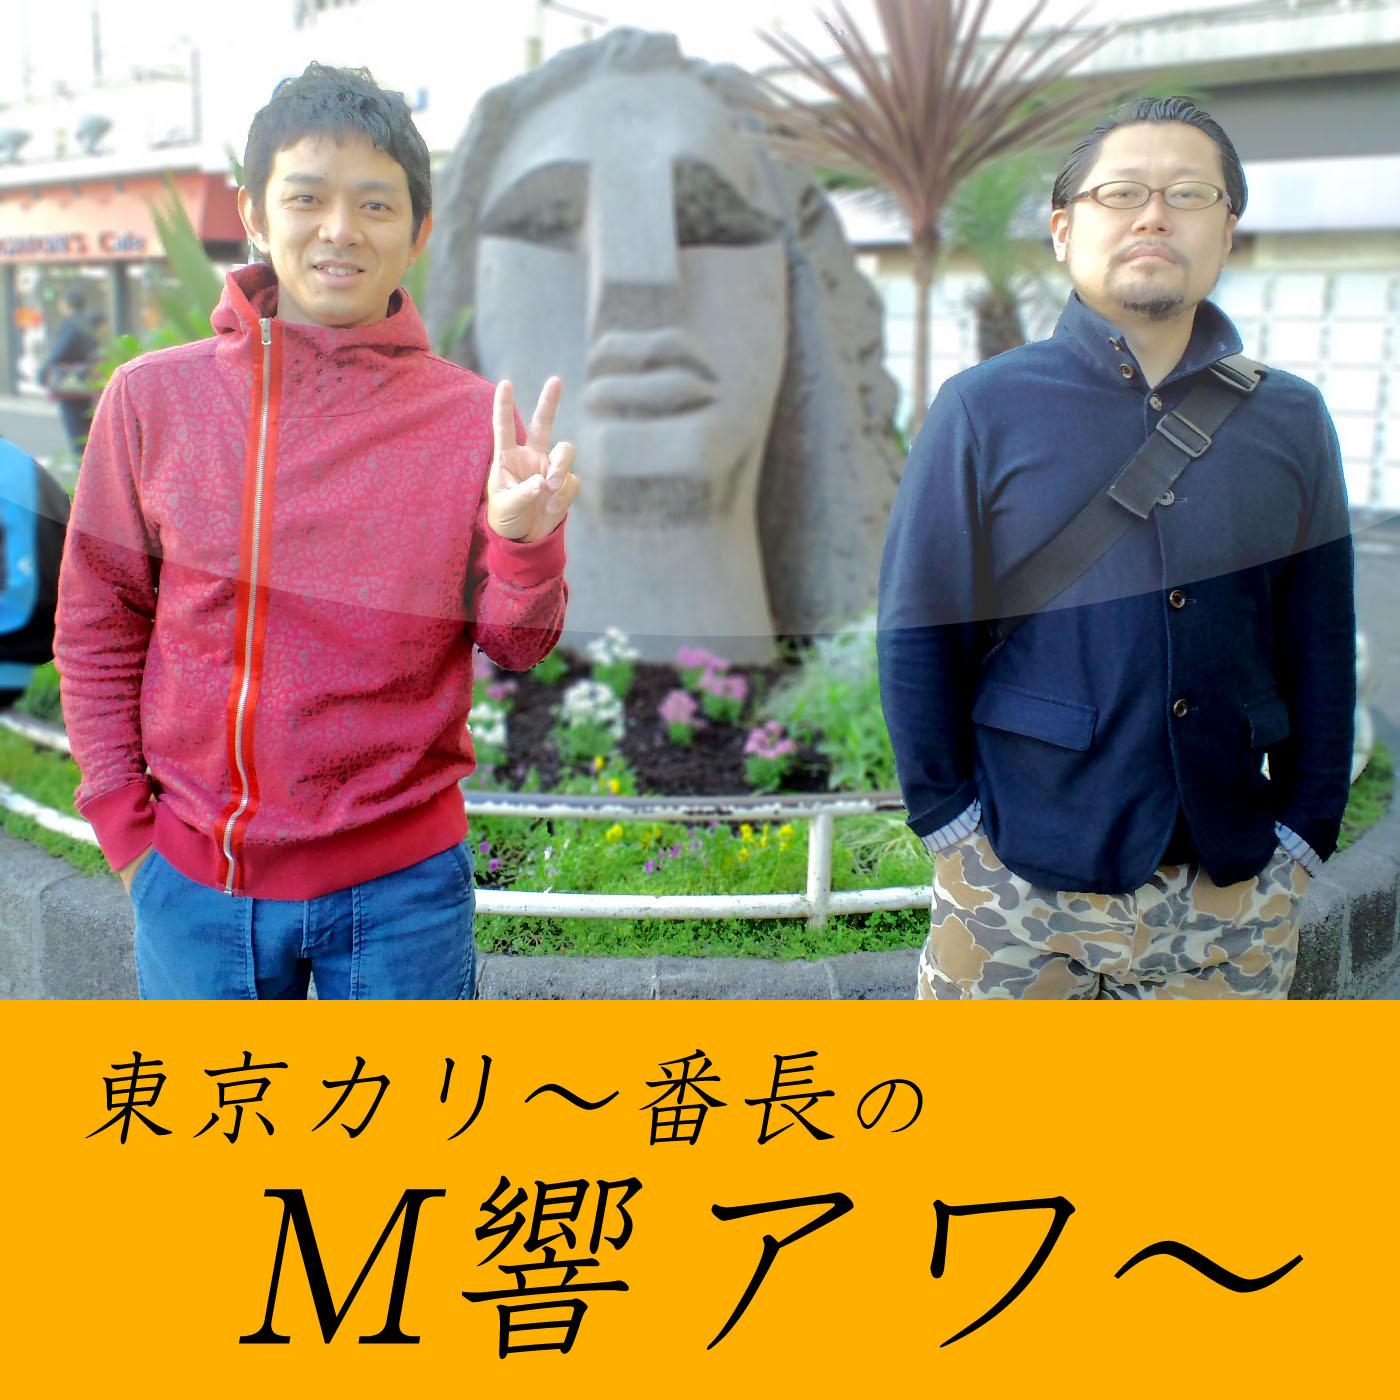 東京カリ〜番長のM響アワ〜